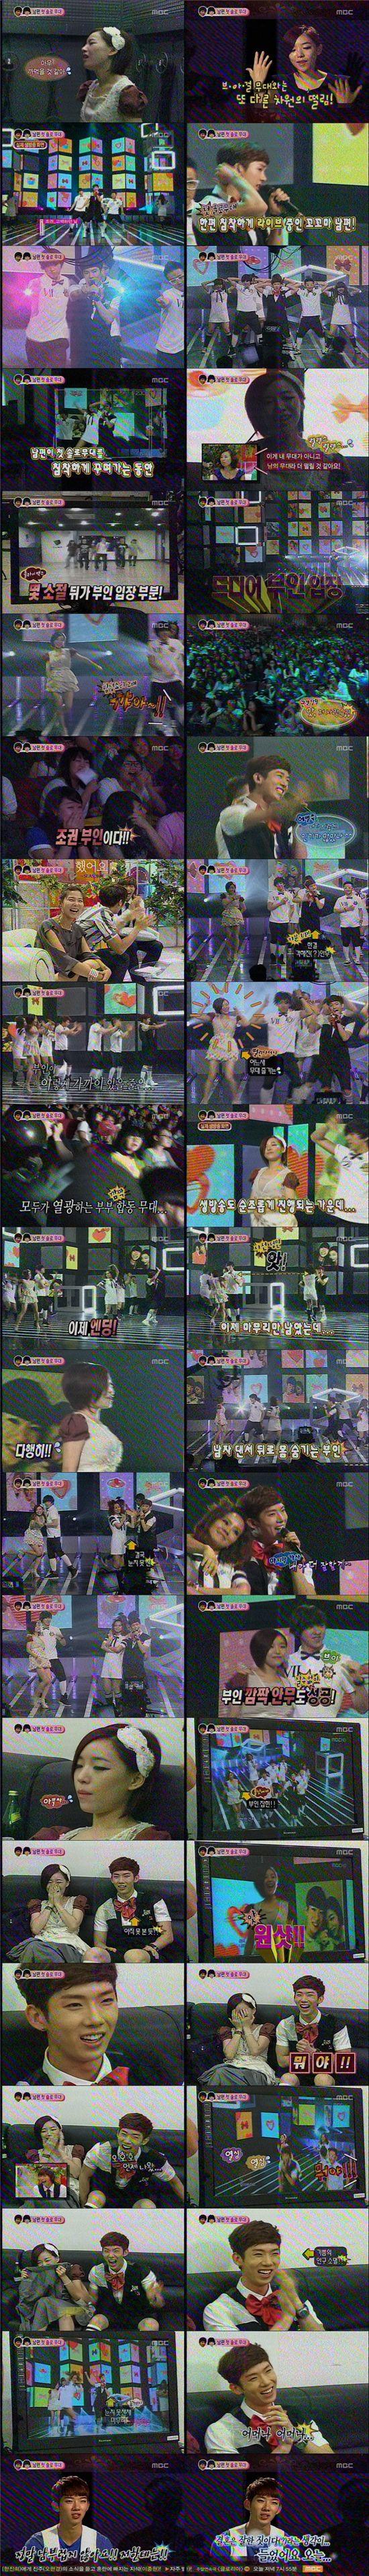 '우결' 내조의 여왕 가인, 조권 댄서 투입 미션 대성공